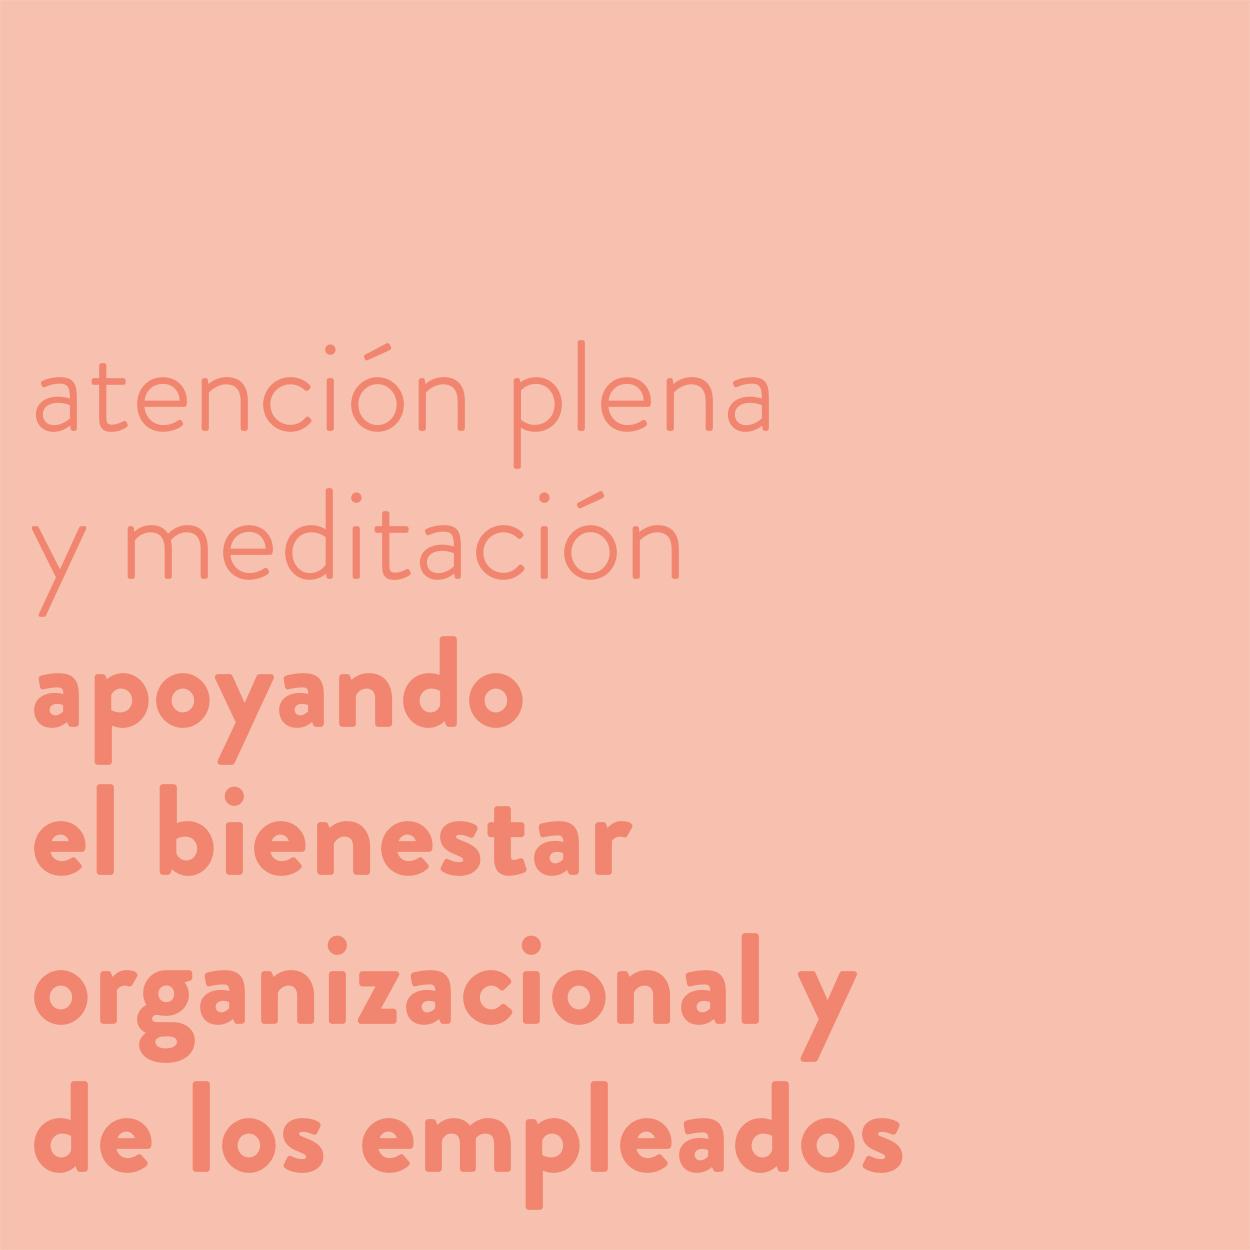 El poder de la atención plena (mindfulness) y la meditación para apoyar el bienestar organizacional y de los empleados